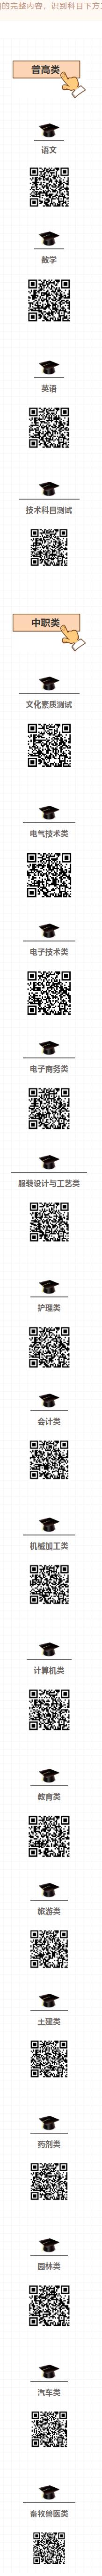 2021年重庆高等职业教育分类考试考试说明